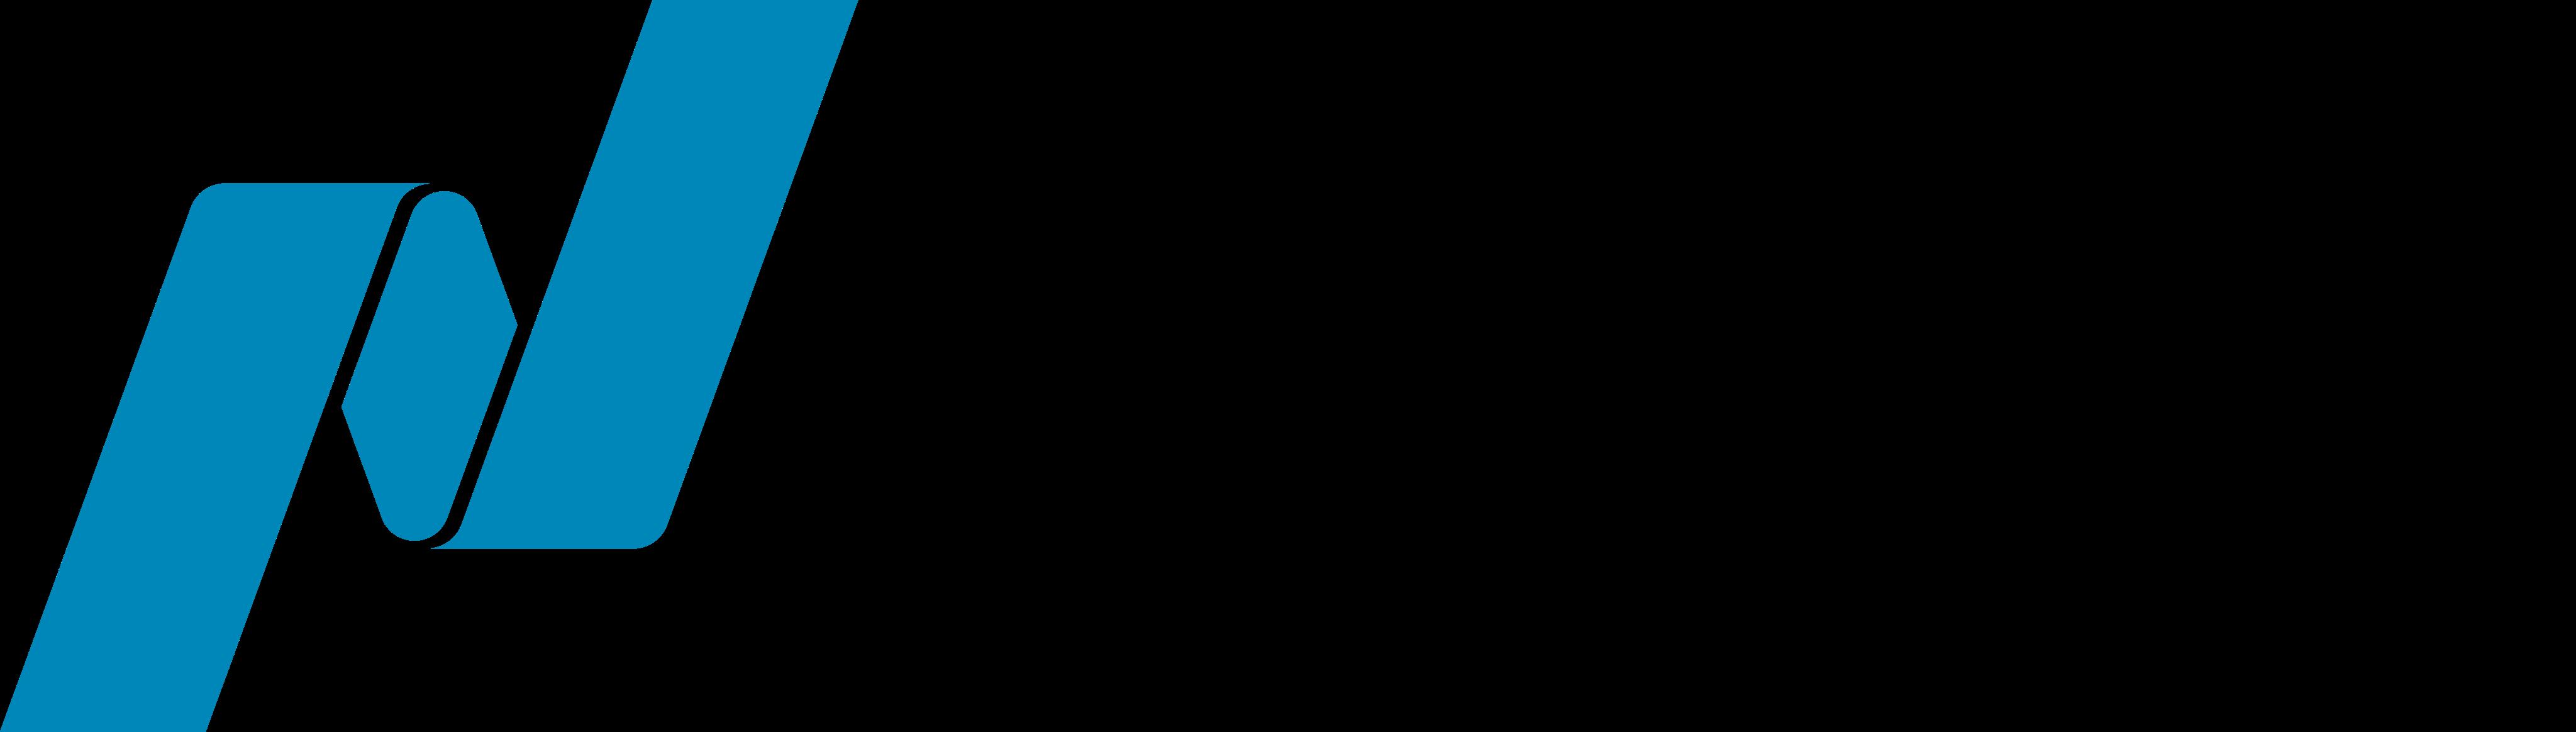 zZNz1-Lw